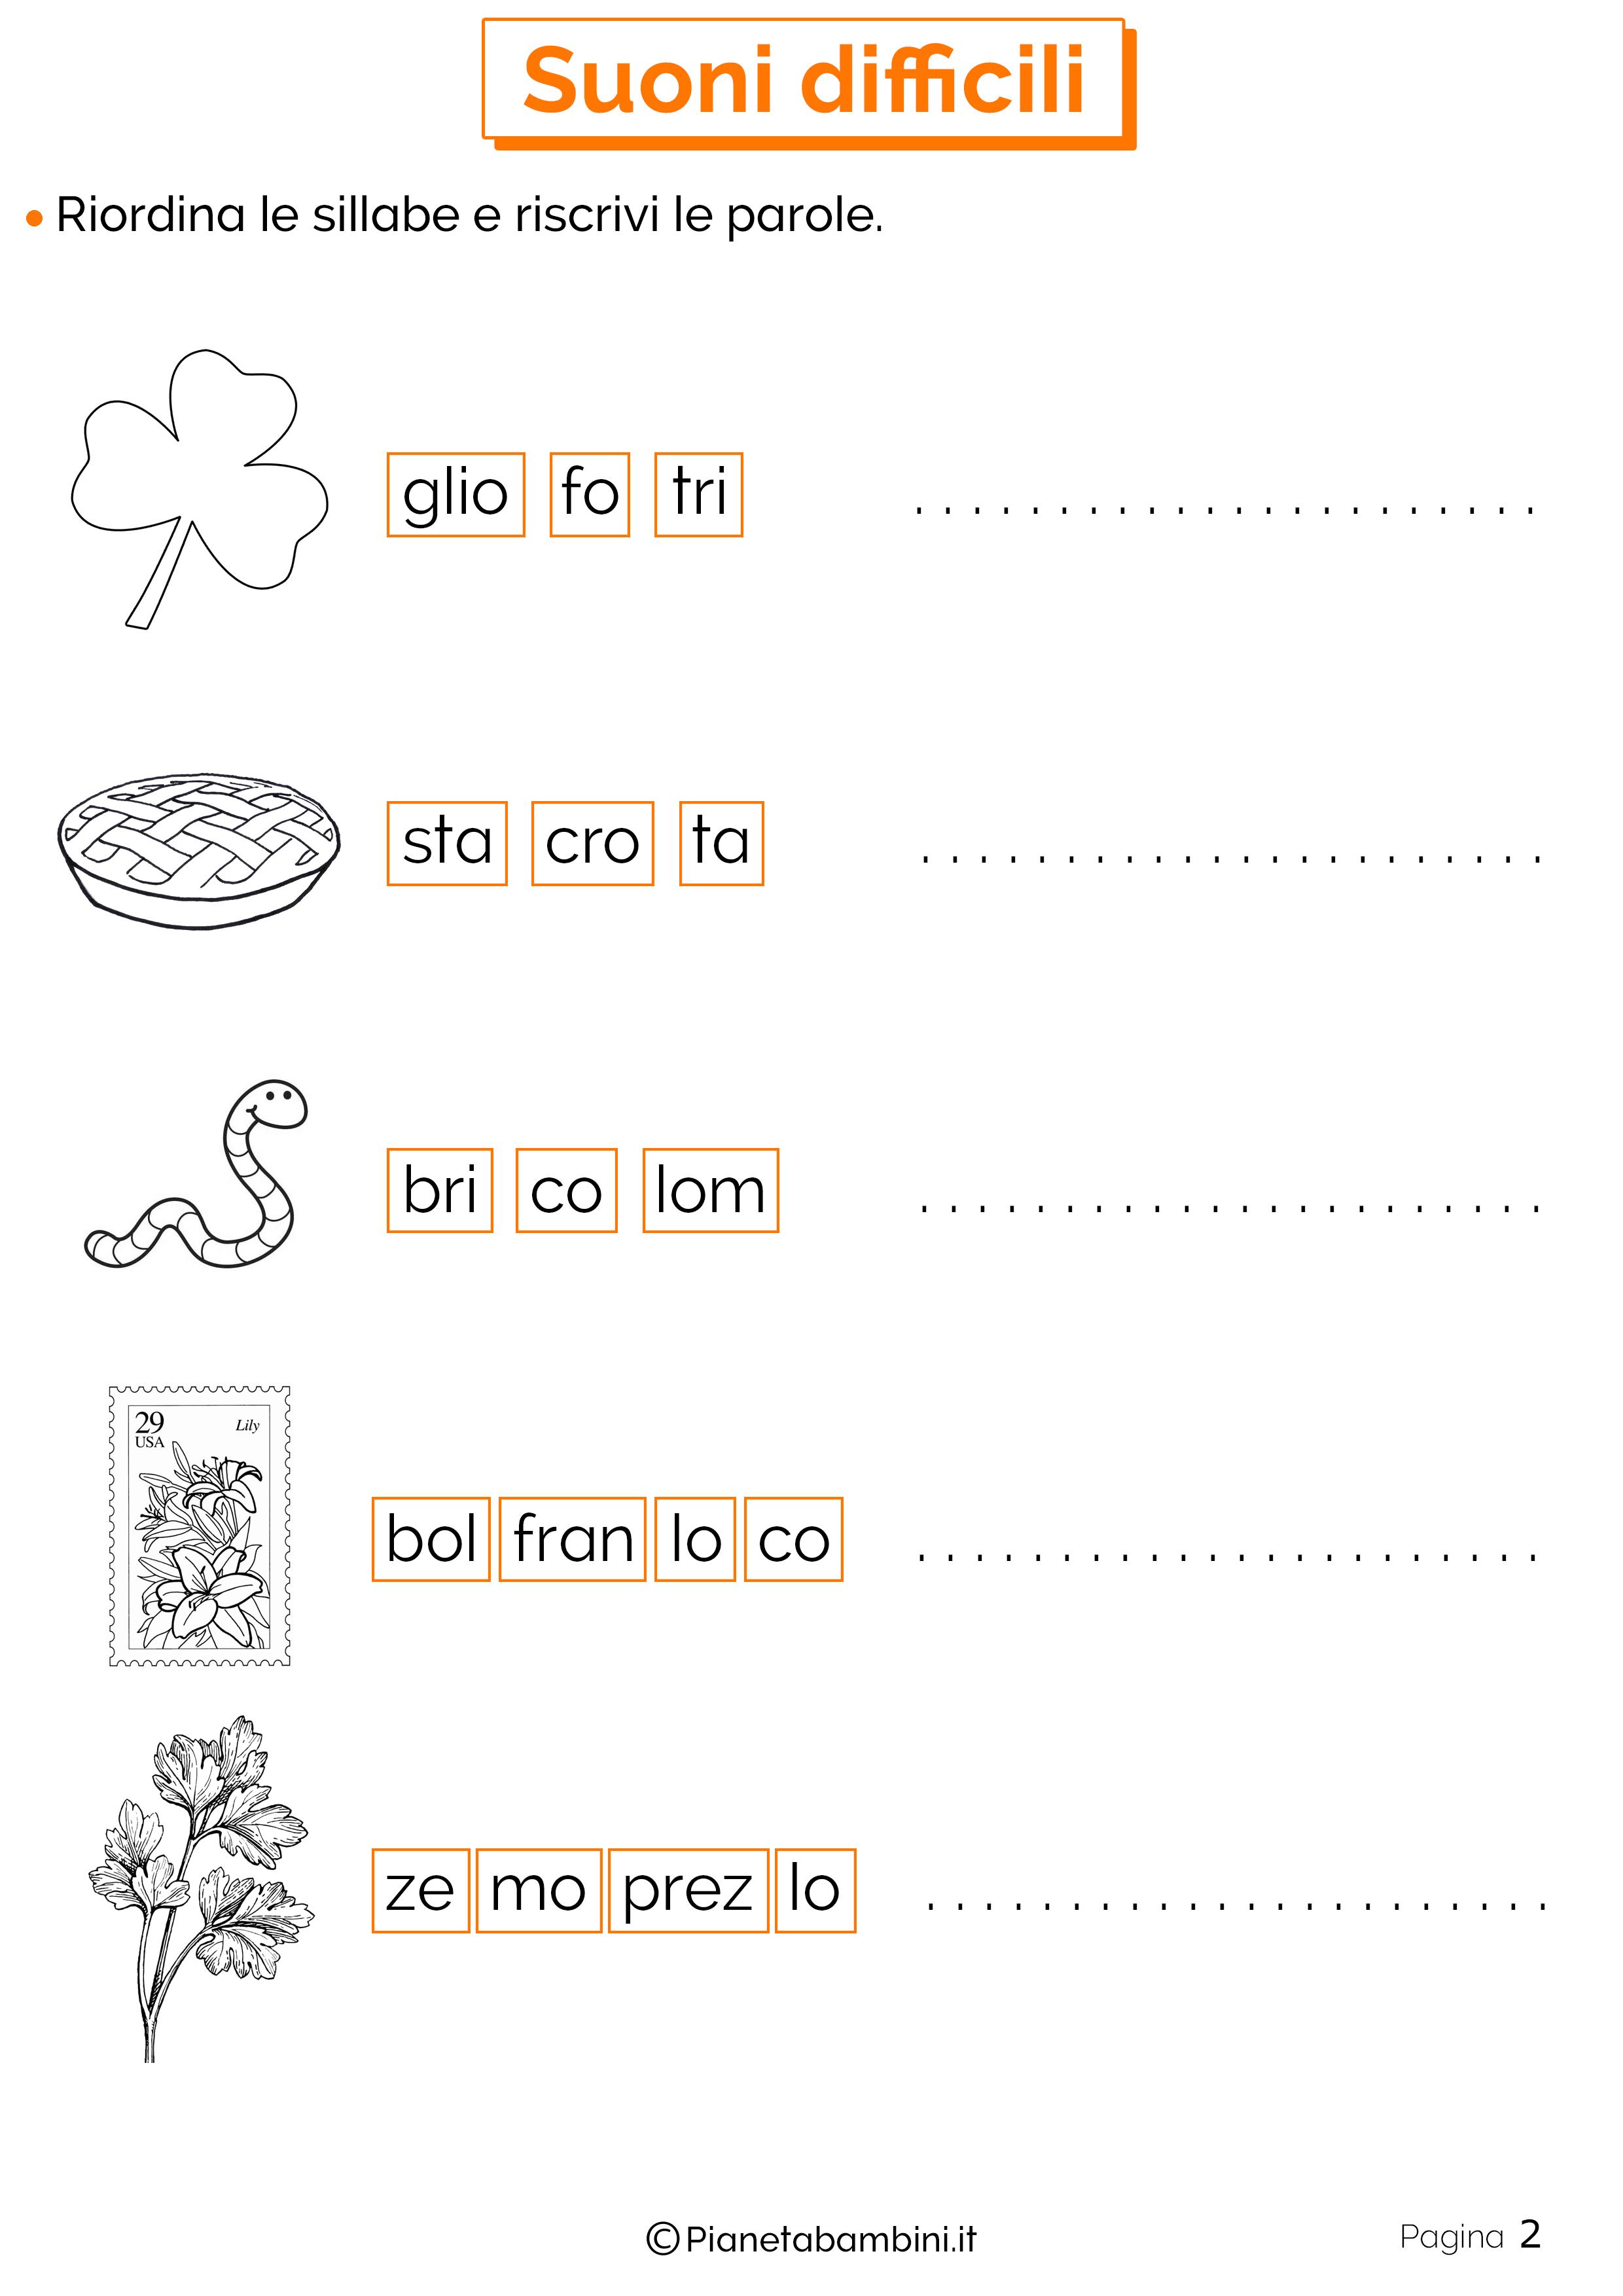 Esercizi sui suoni difficili 2